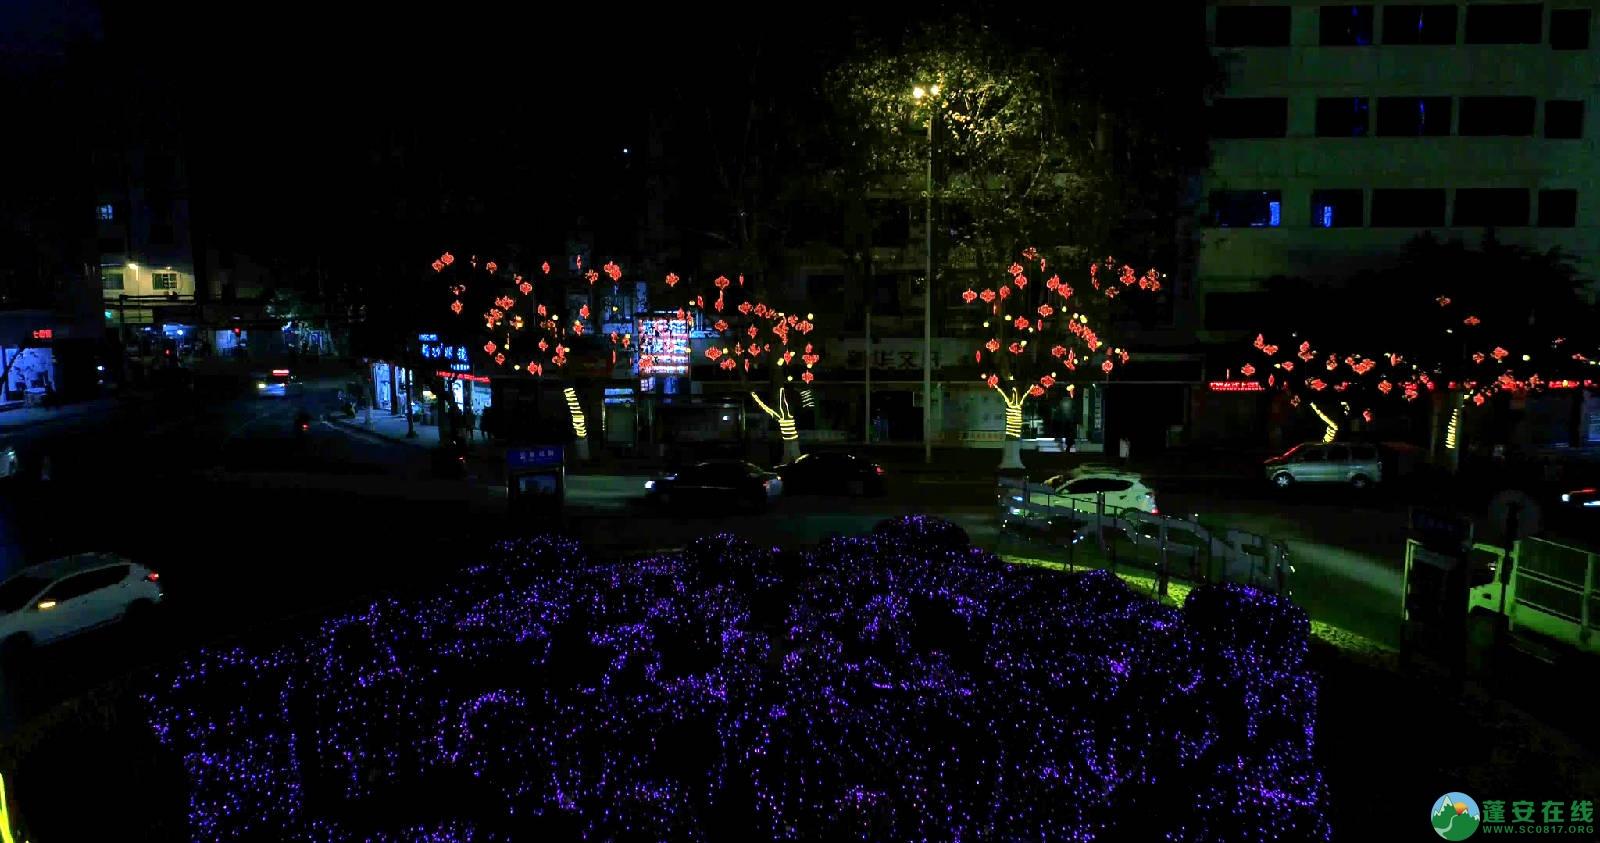 临近春节的蓬安夜色 - 第9张  | 蓬安在线